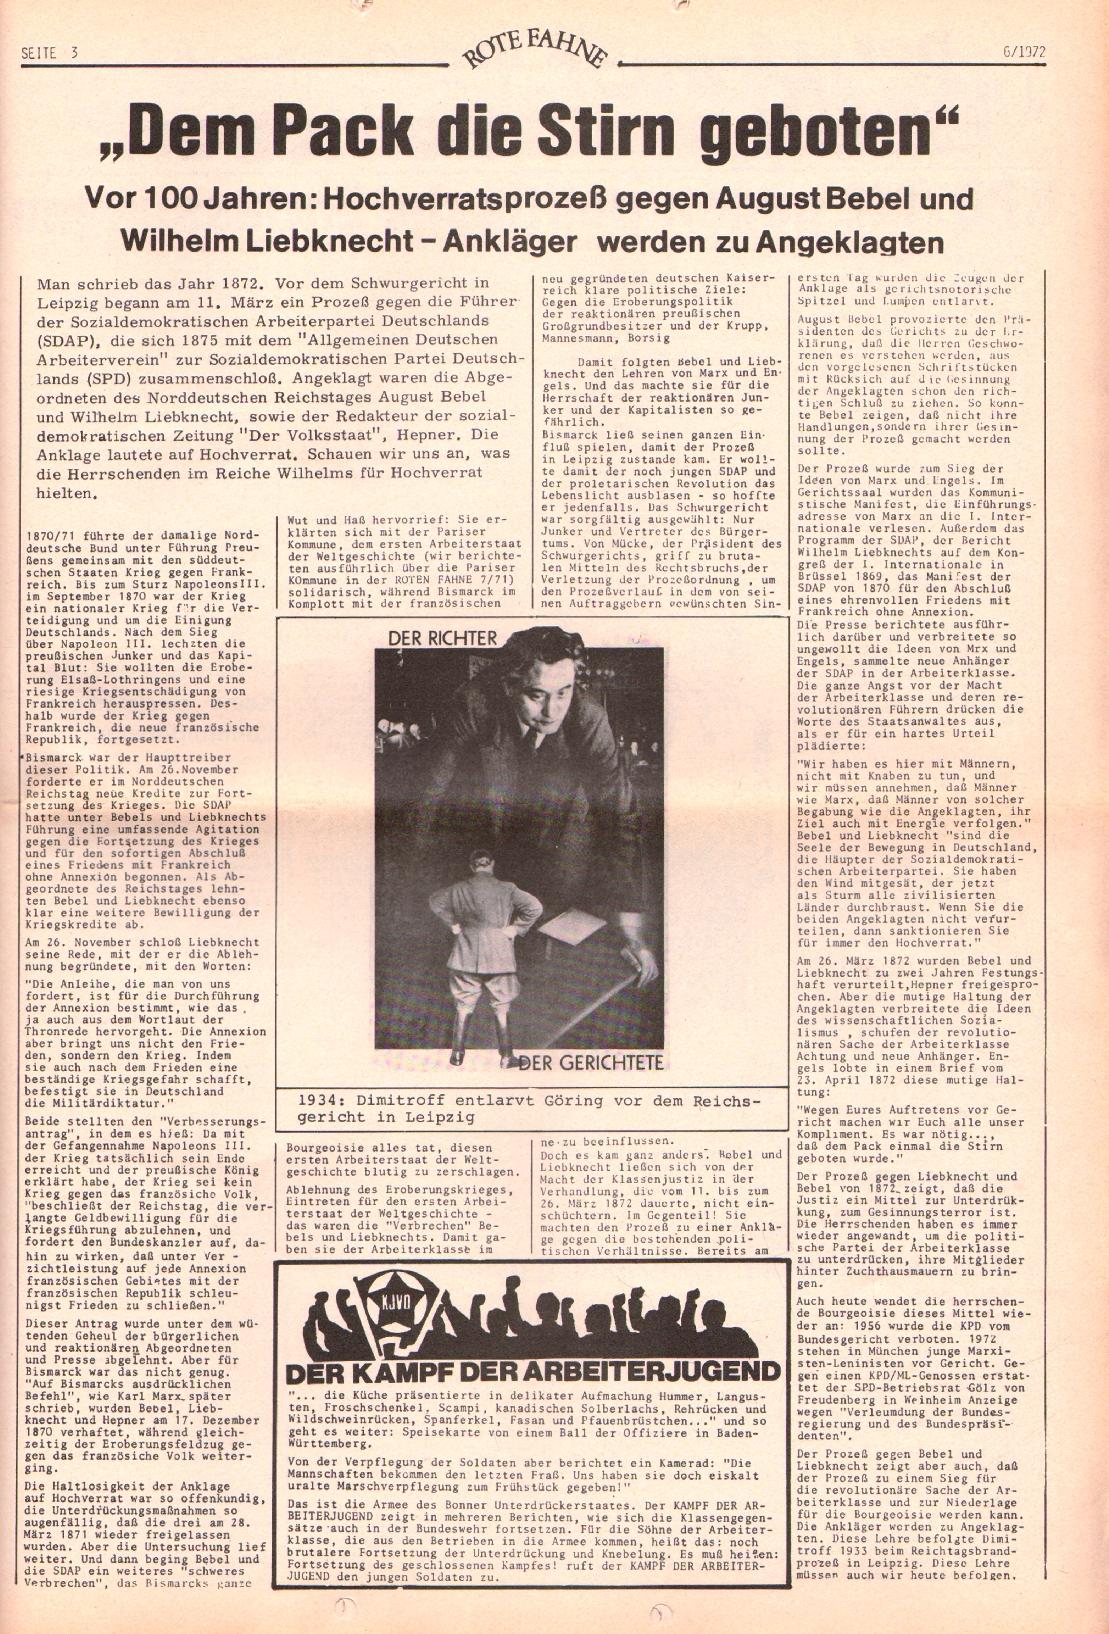 Rote Fahne, 3. Jg., 20.3.1972, Nr. 6, Seite 3